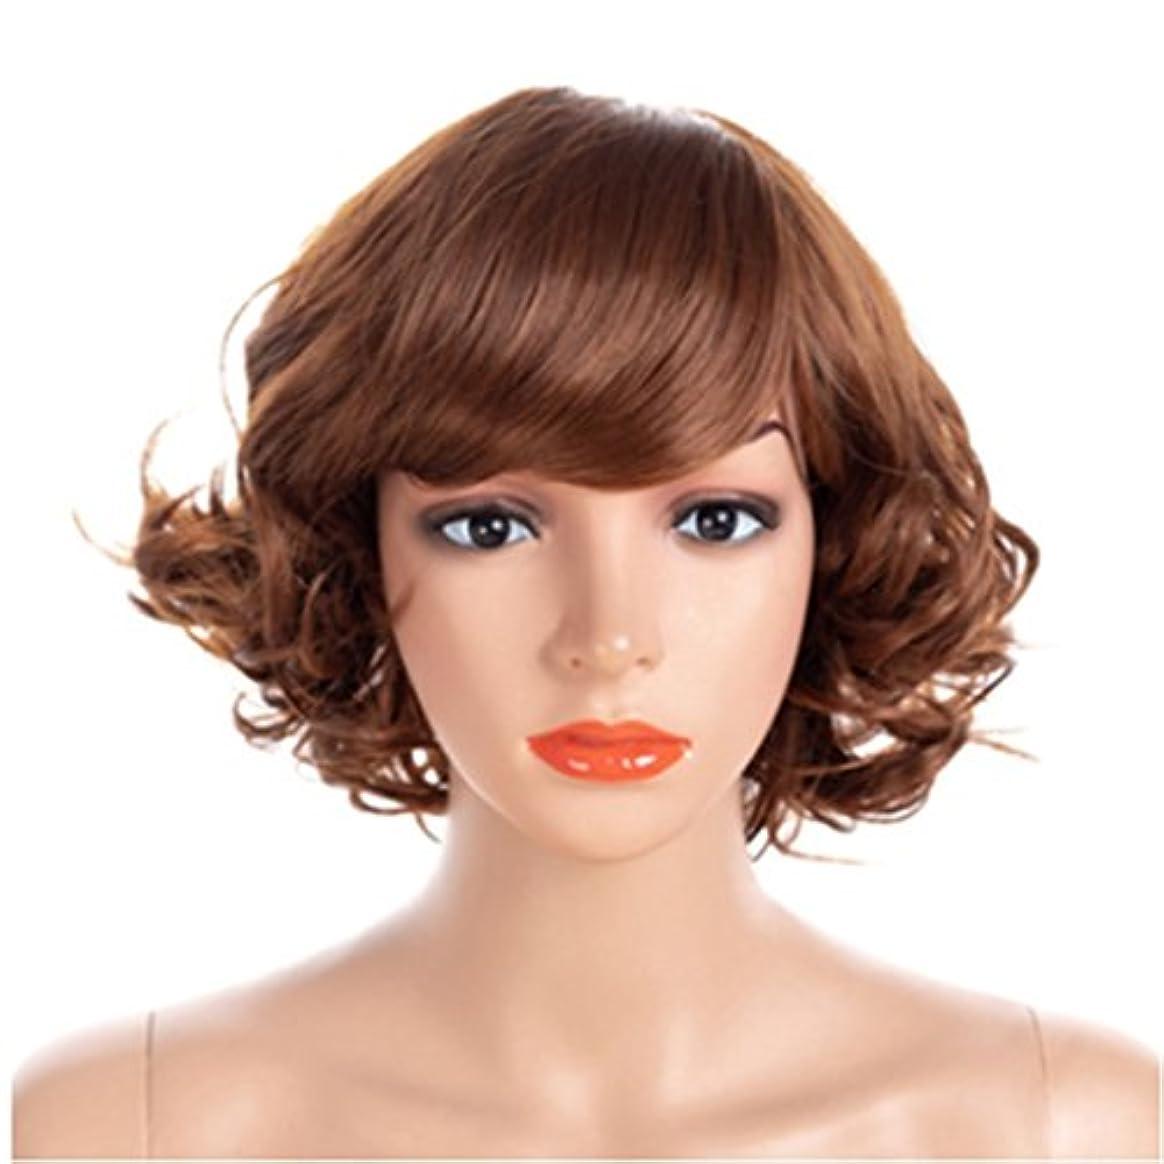 資料くるみ一目YOUQIU ショートウィッグと調節可能なサイズと前髪の小ロールで40センチメートル女性のかつらは、スラントかつらウィッグことができます (色 : Metallic)